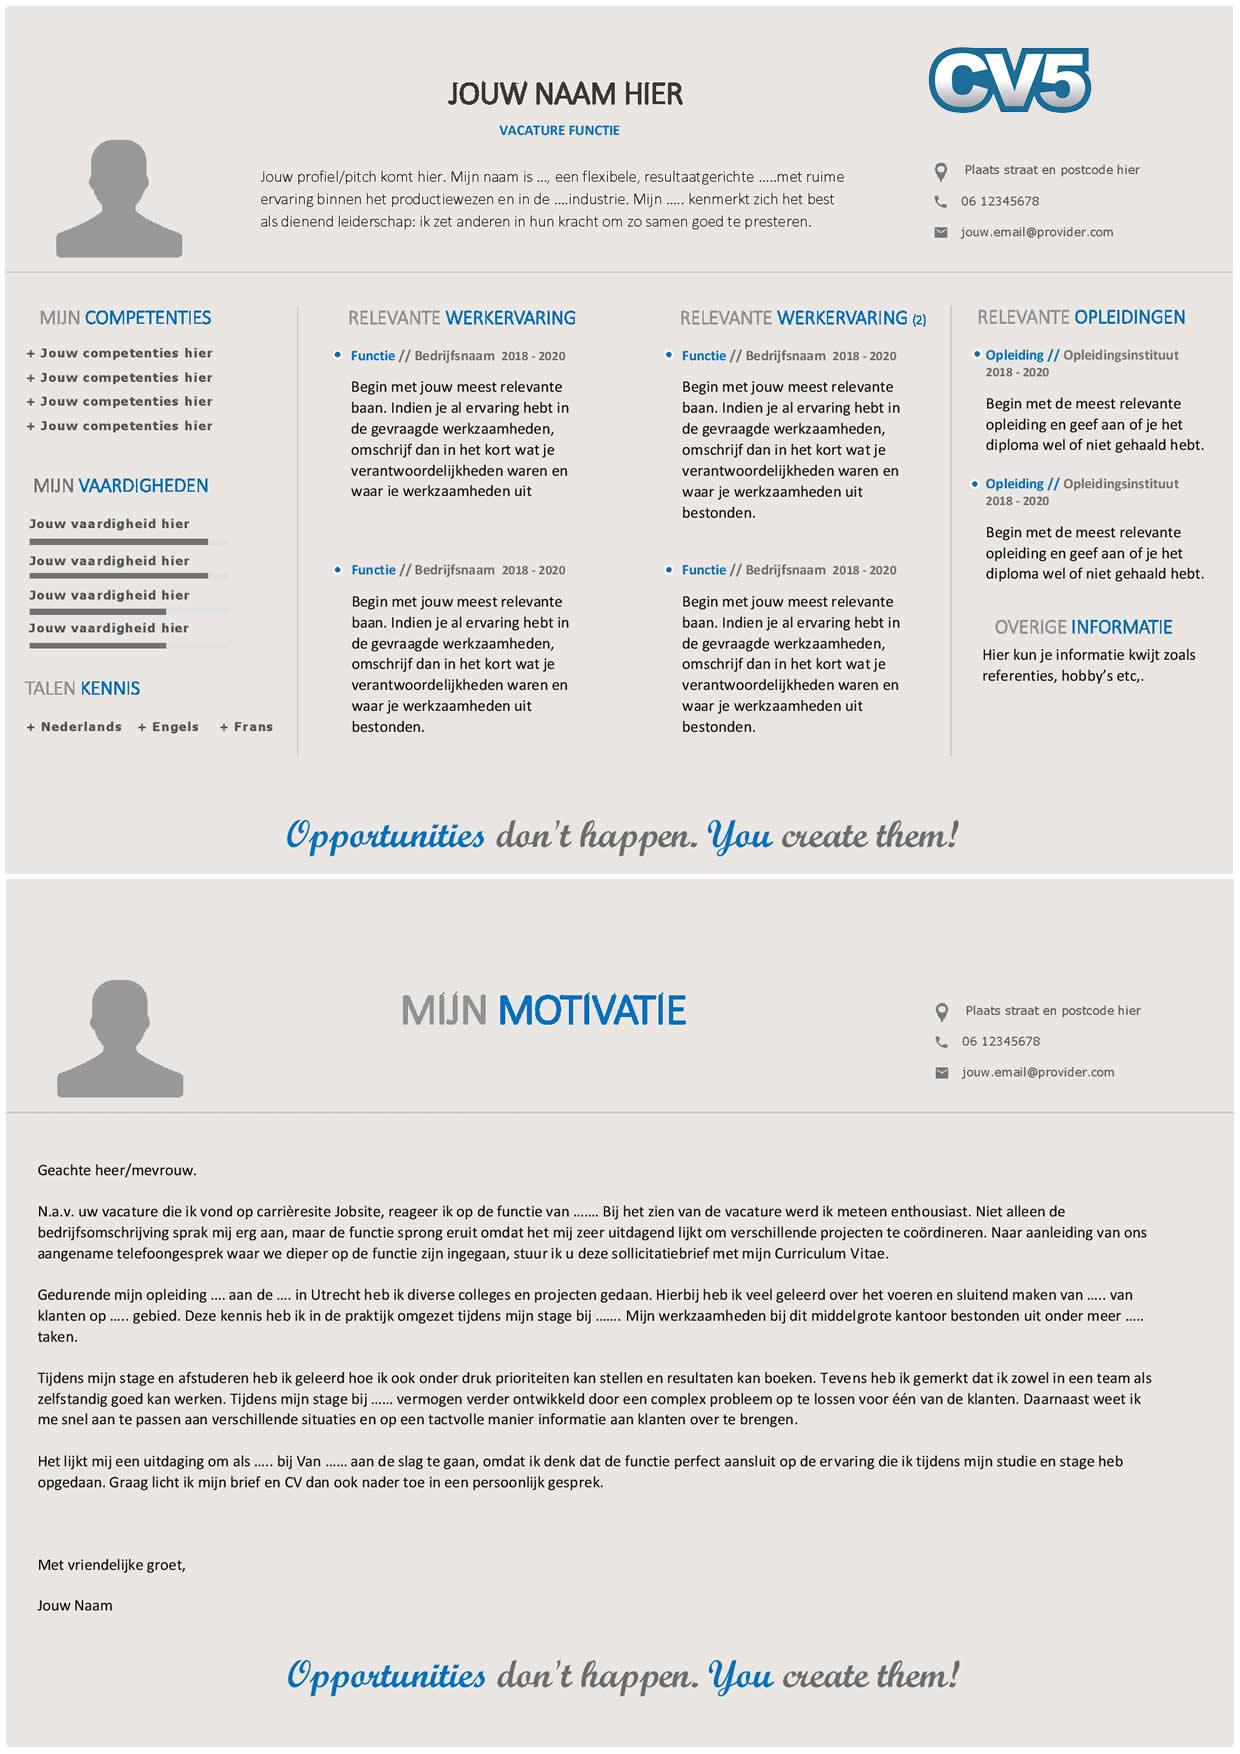 Maak een professionele indruk met dit unieke en horizontale CV layout